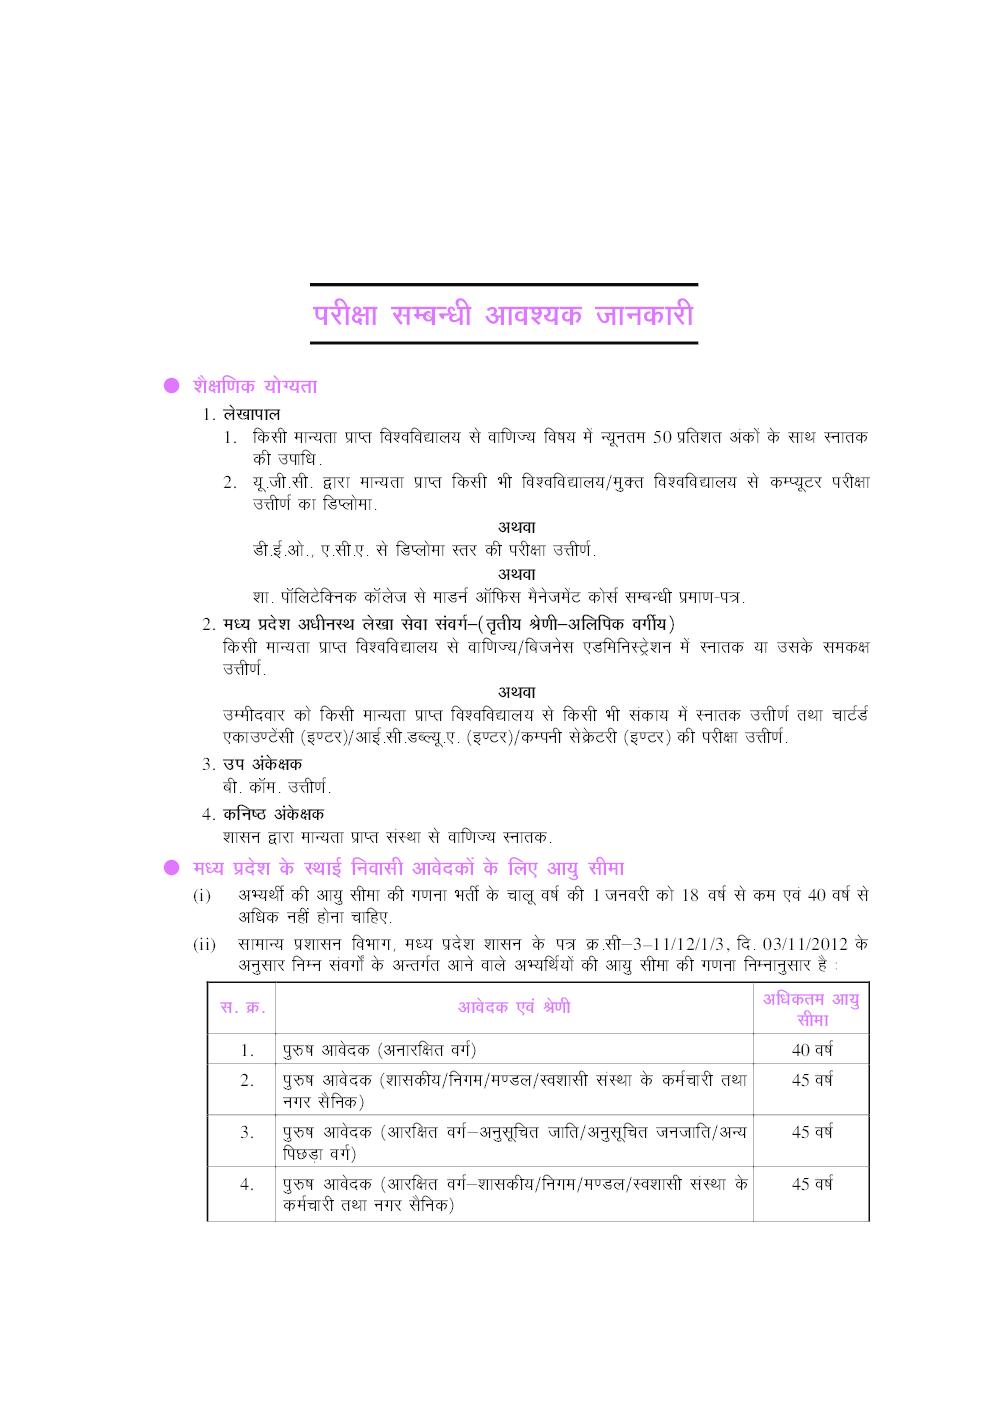 मध्य प्रदेश लेखपाल, उपअंकेक्षक, कनिष्ठ अंकेक्षक एवं  अधीनस्थ लेखा संवर्ग भर्ती परीक्षा  - Page 5